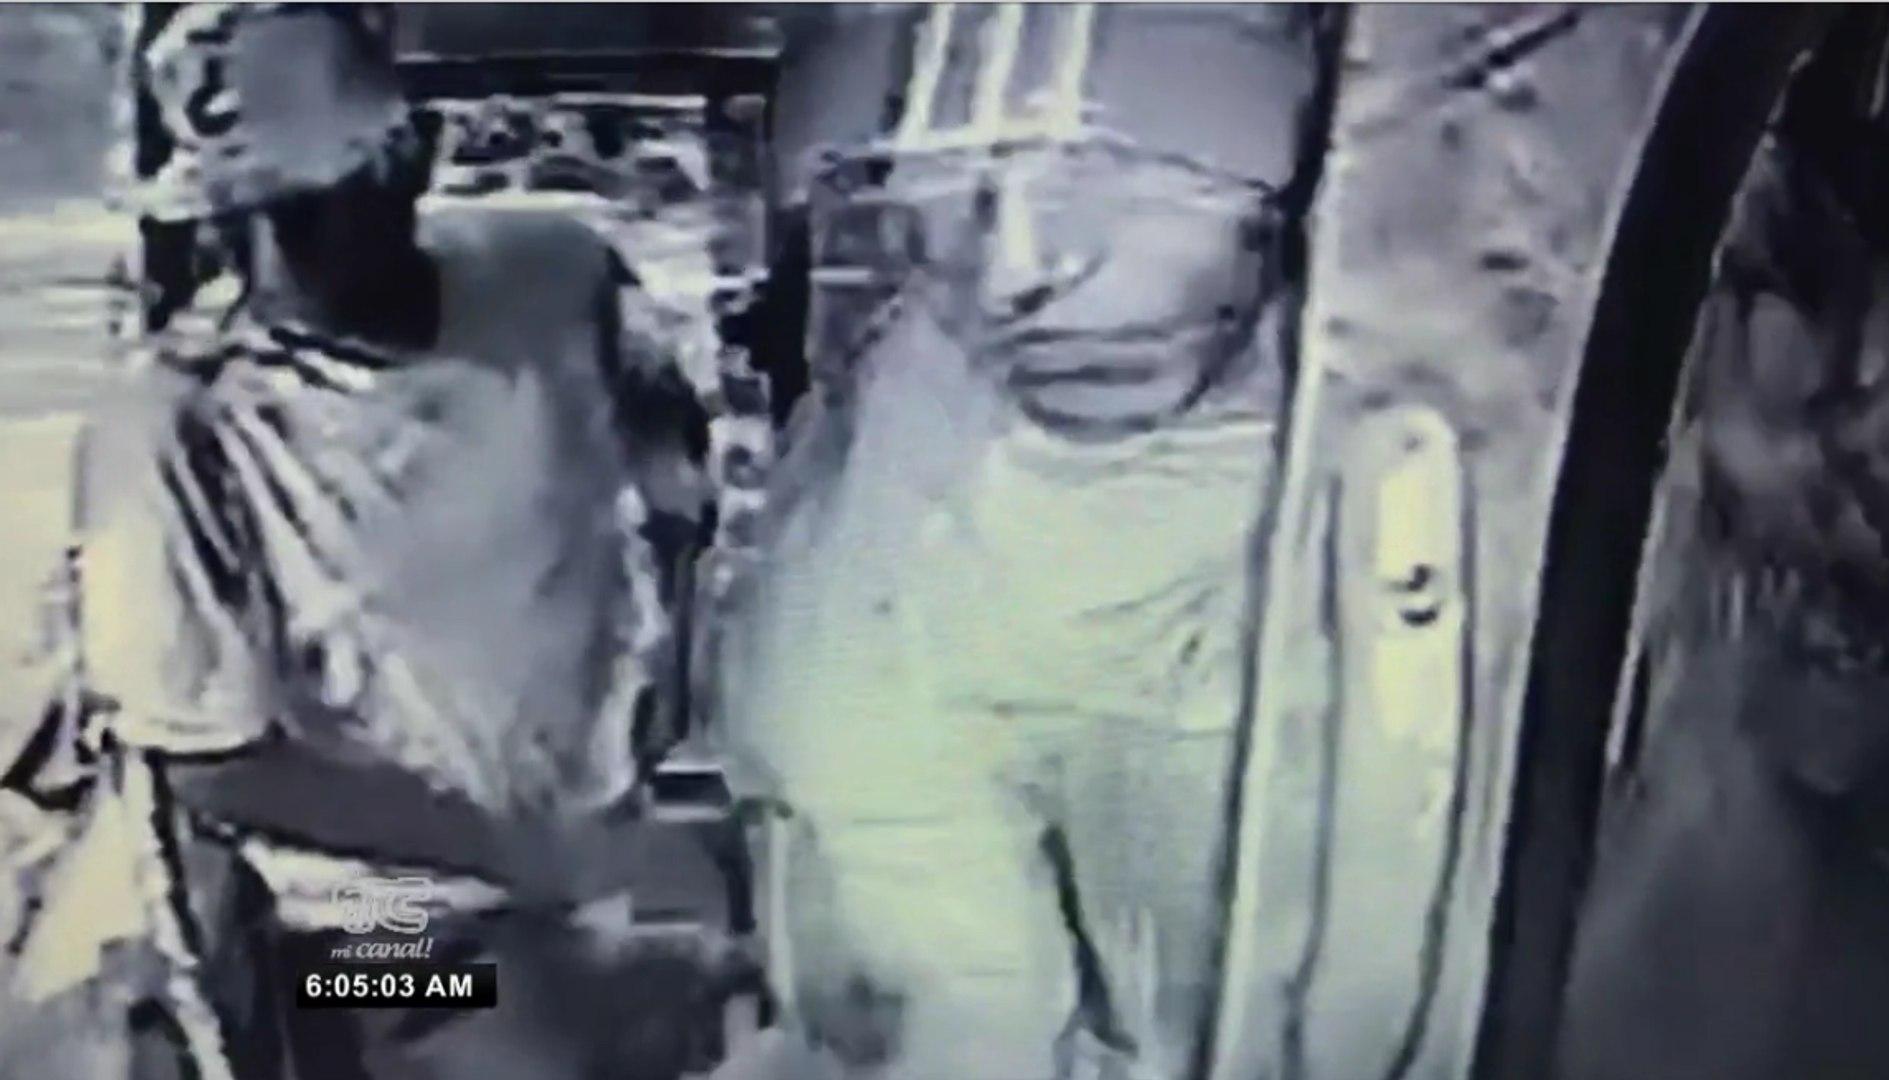 Capturan a dos sospechosos de banda delictiva en Los Ríos